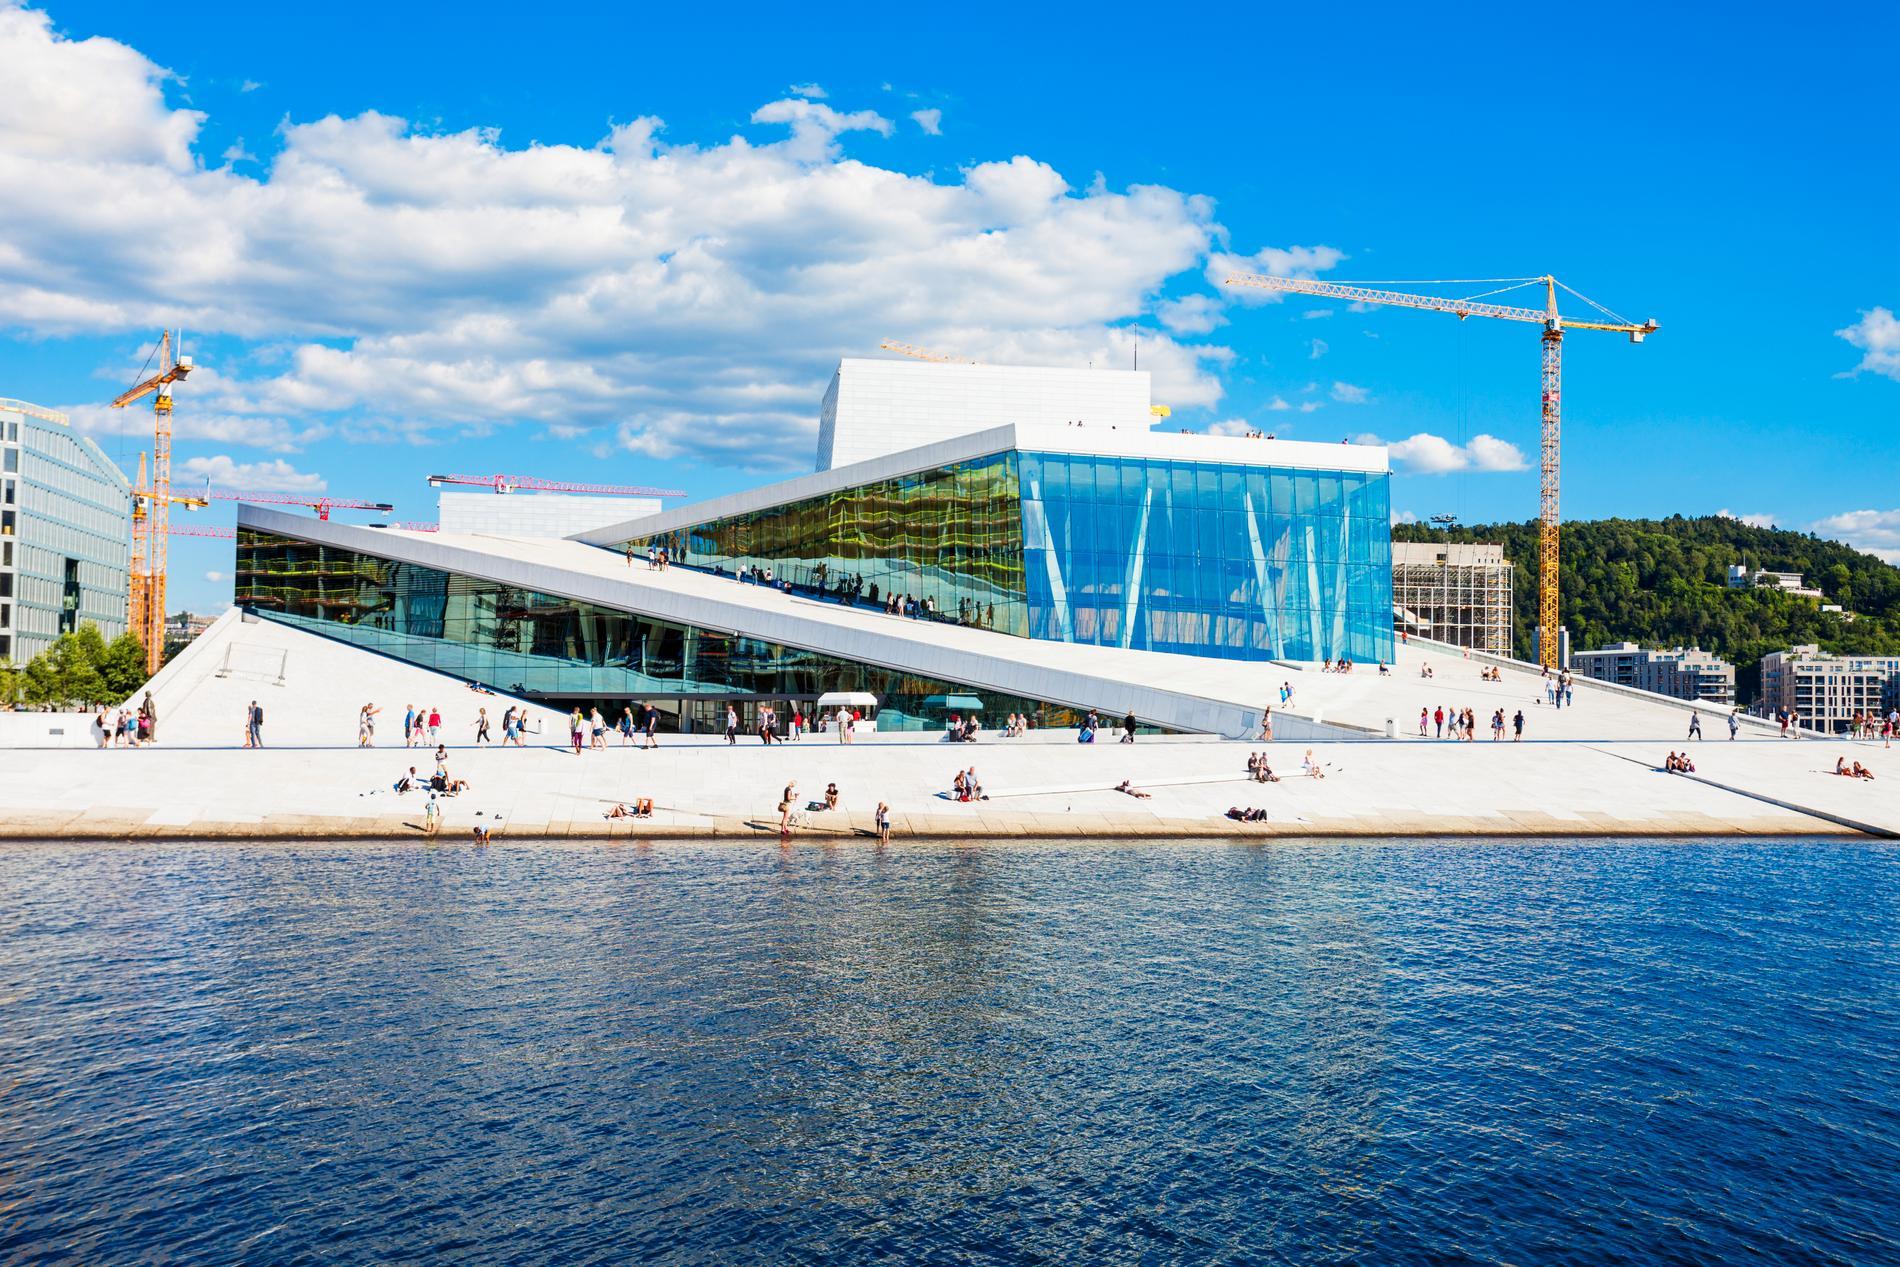 Oslos opera i Bjørvika, Den Norske Opera & Ballett, kan vara värd ett besök.